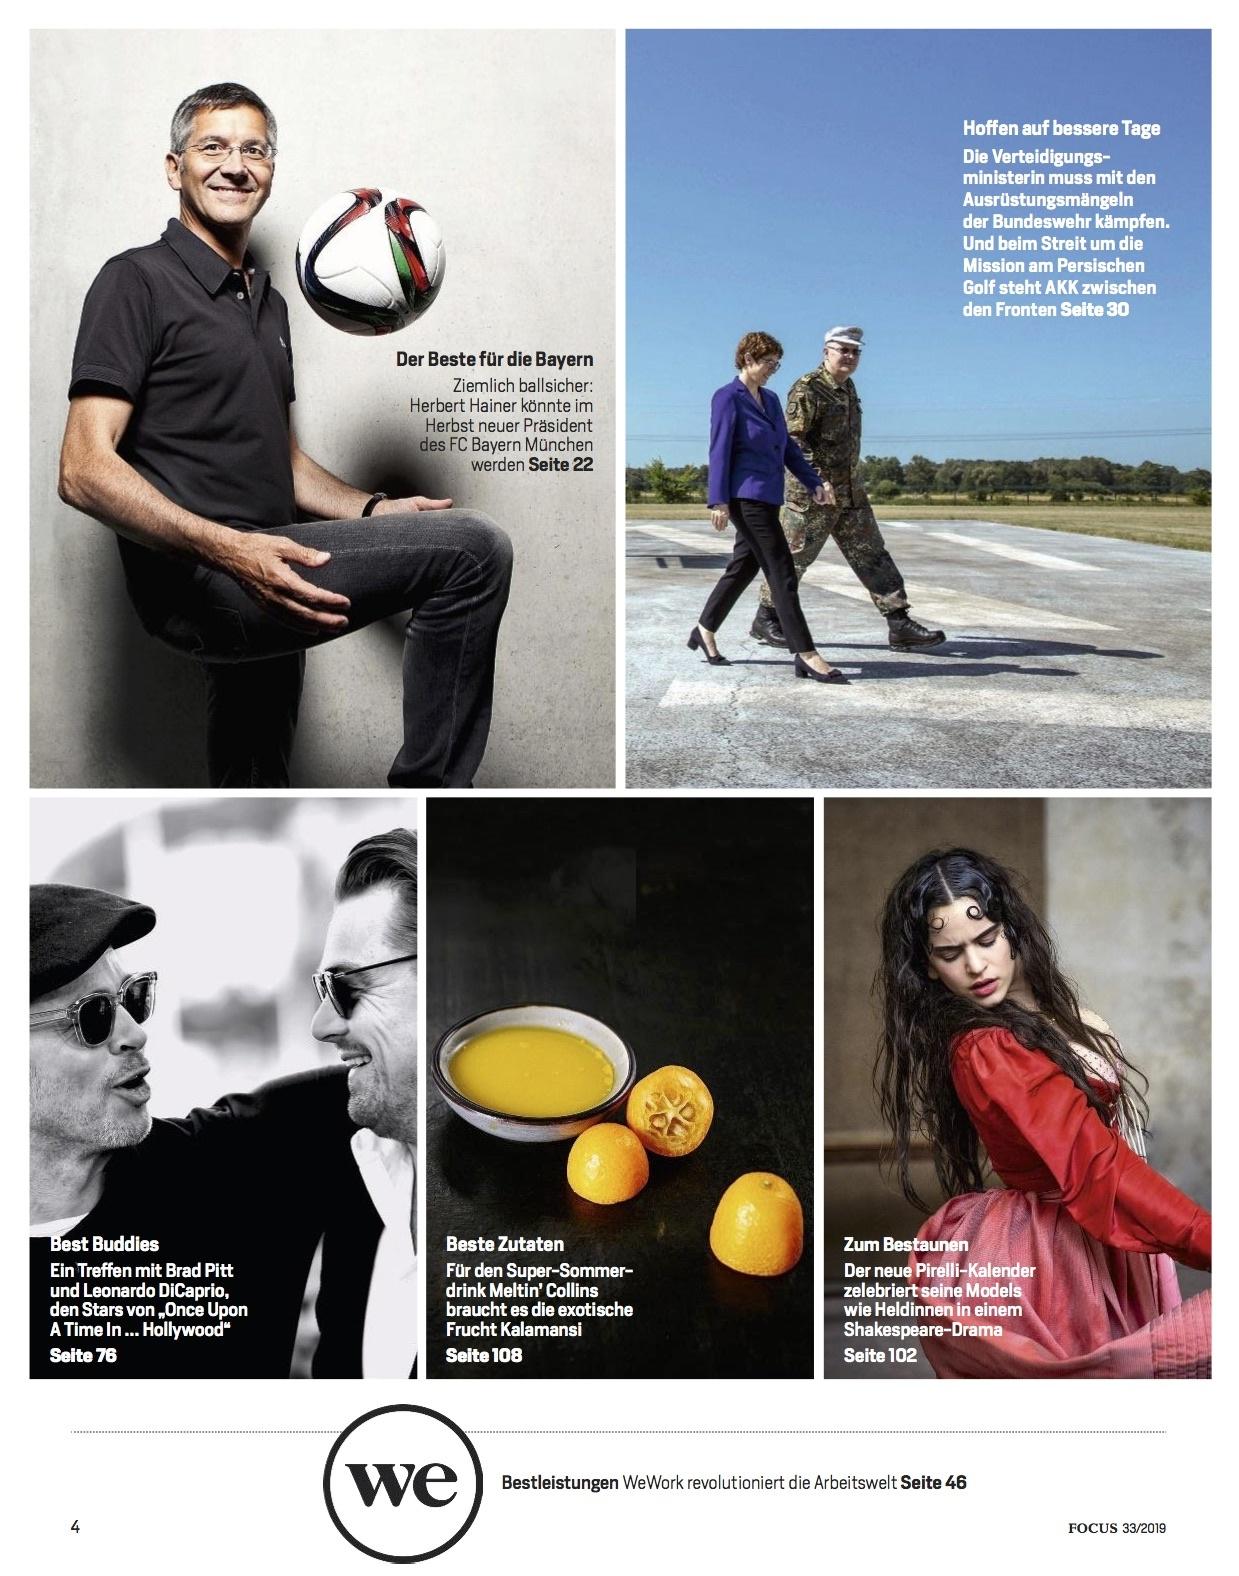 FOCUS Magazin FOCUS Magazin - Das Glück der zweiten Chance